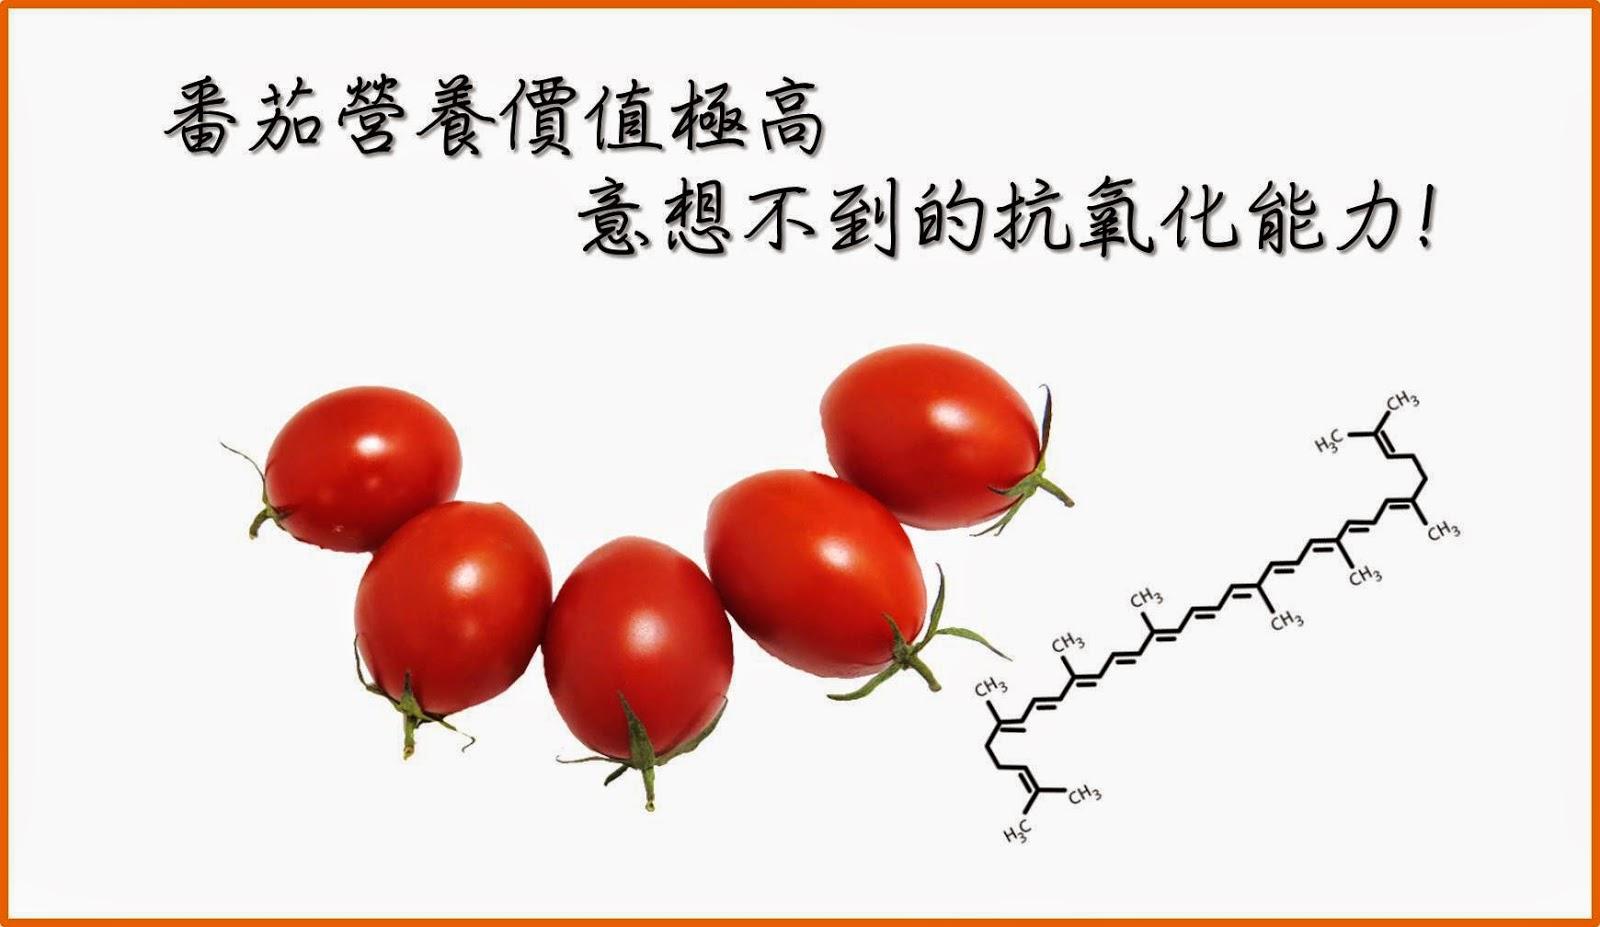 番茄營養價值極高,意想不到的抗氧化能力...